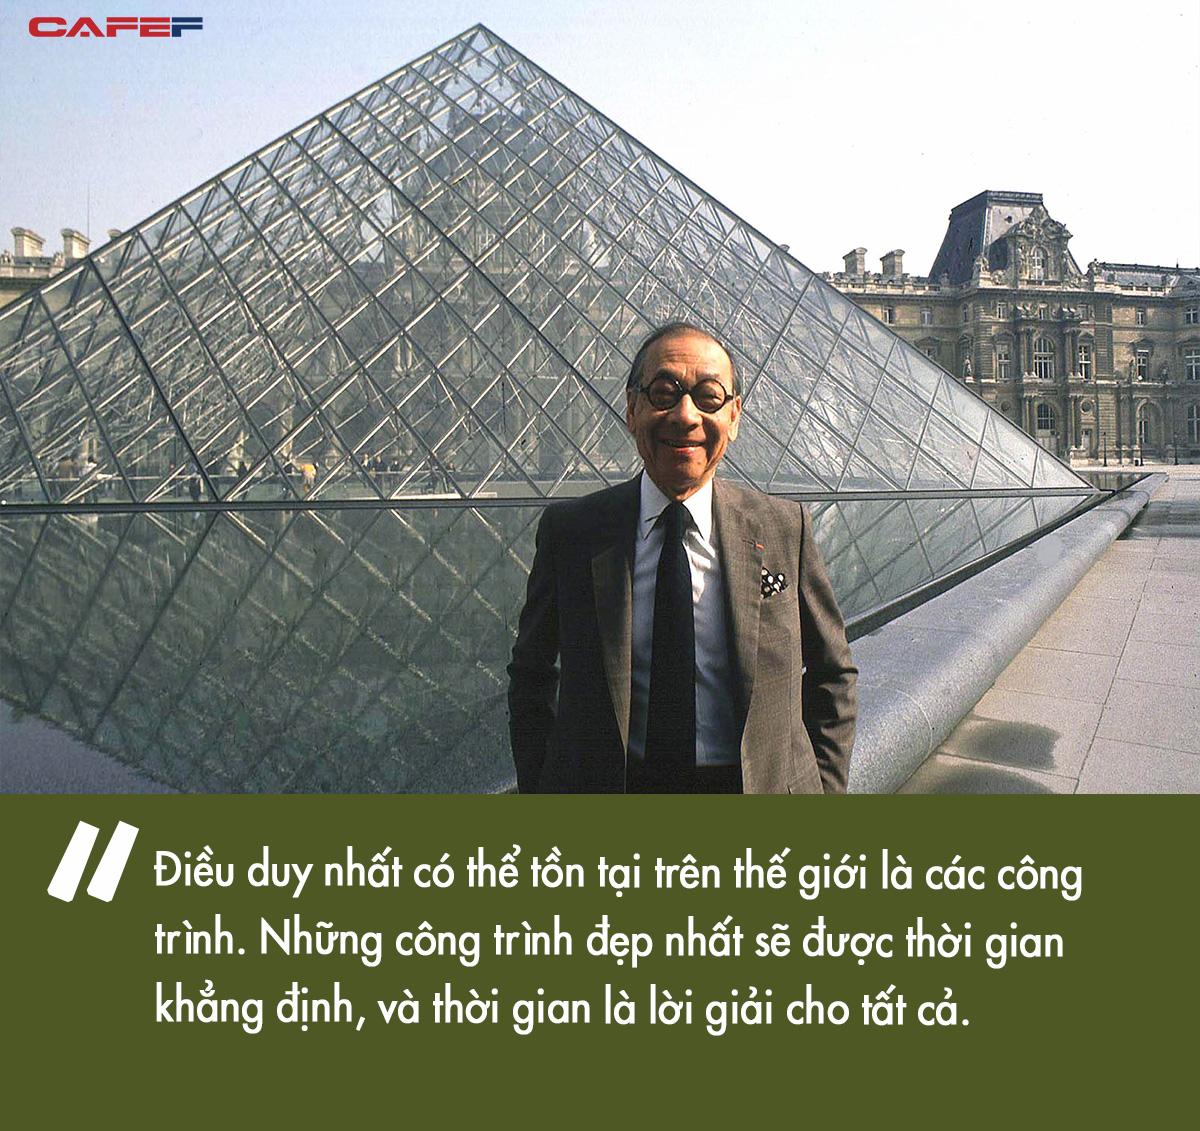 Cha đẻ của kim tự tháp kính Louvre khiến người Pháp vừa chê bai đã phải ngả mũ thán phục: Hậu duệ của gia tộc giàu có suốt 15 đời, dạy con thành tài nhờ bí quyết tổ truyền - Ảnh 7.